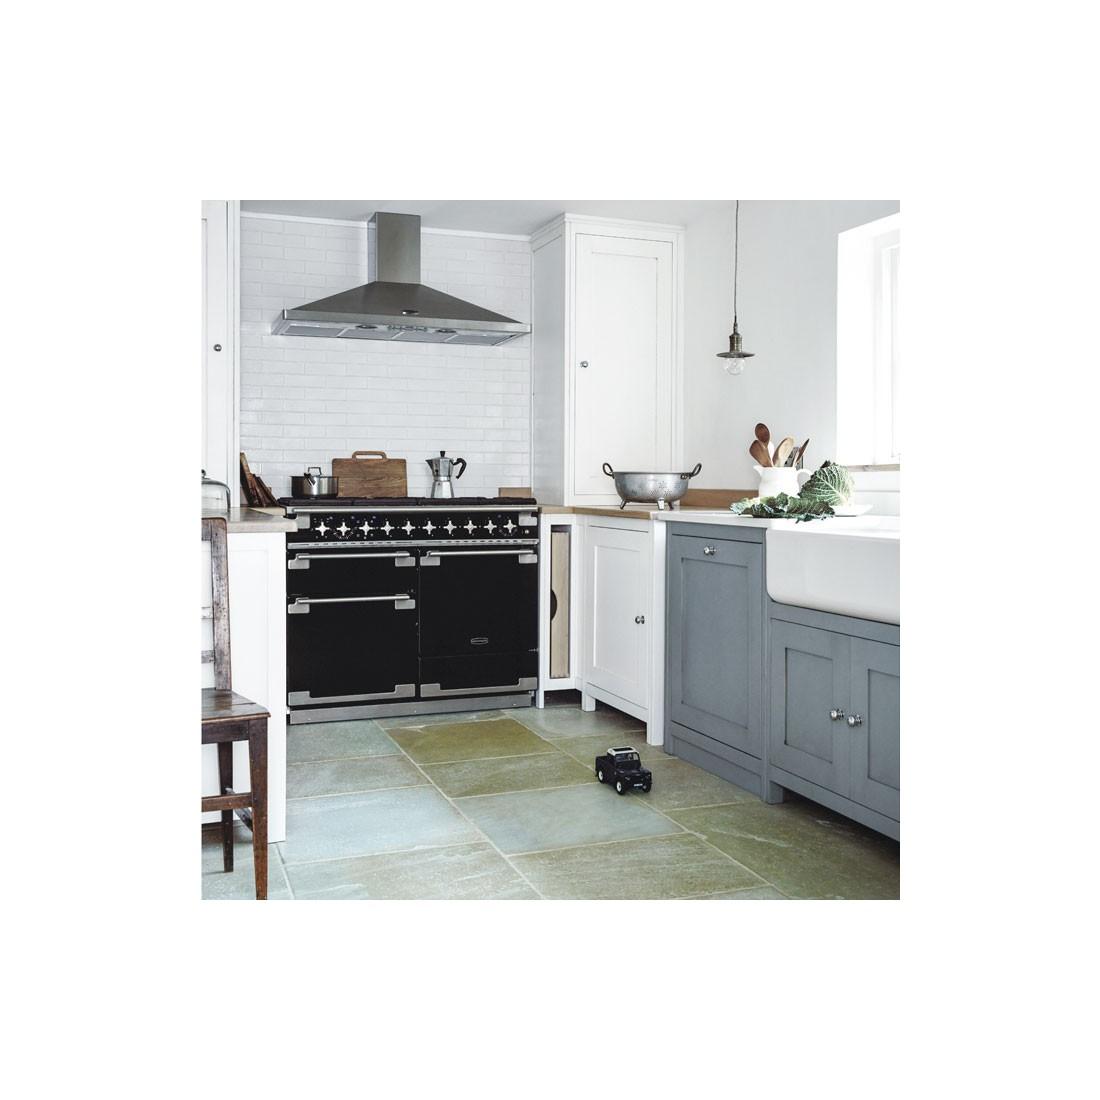 Piano de cuisson elise falcon gaz 110cm cuisini res - Piano de cuisine falcon ...